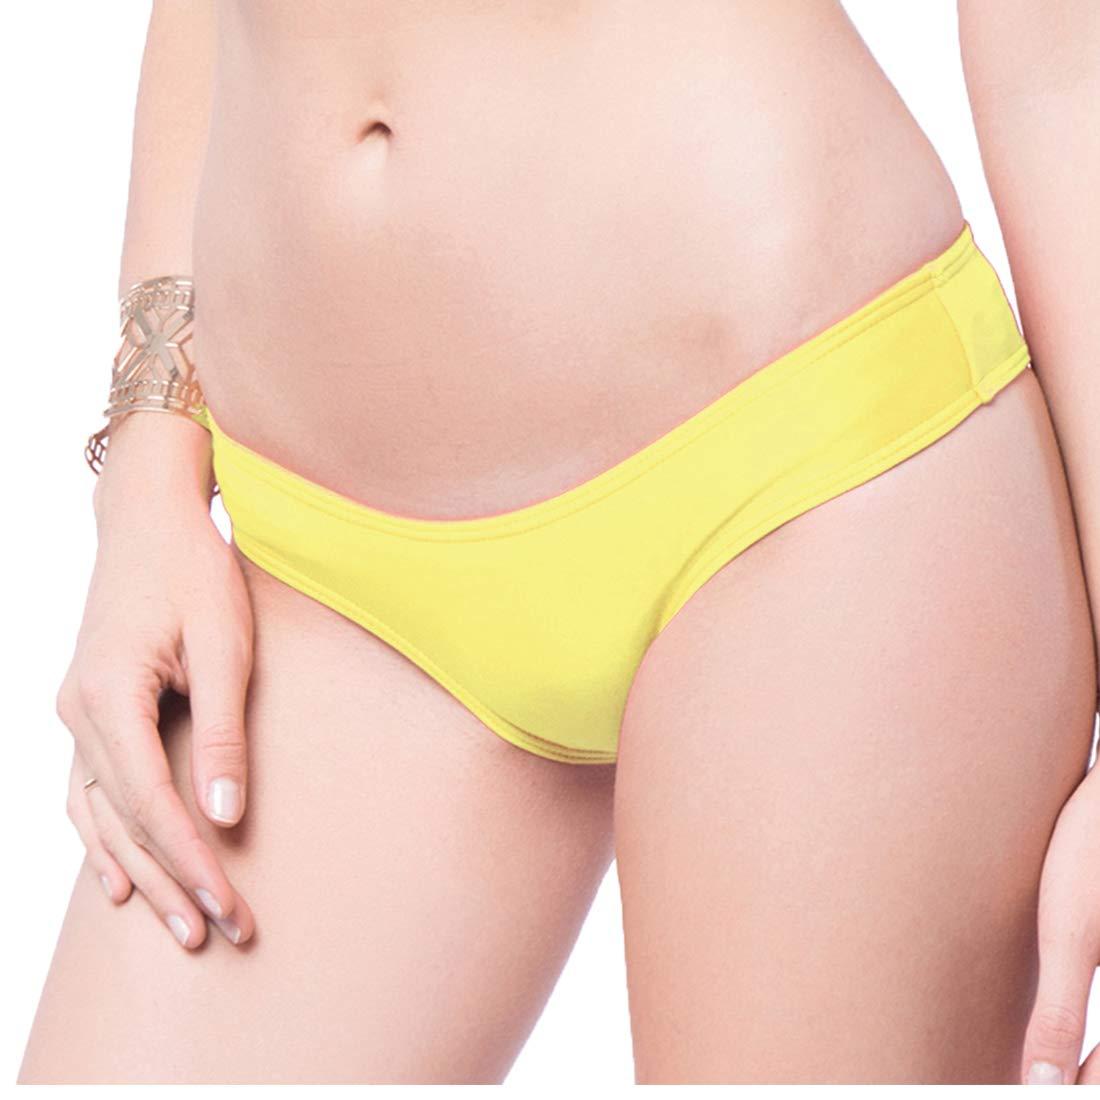 200b5f033ea2 Braguitas Tangas Parte Inferior Traje de baño Mujer Alta Elasticidad Color  Sólido Talla Grande Colores Varias Bikini Vendaje850840